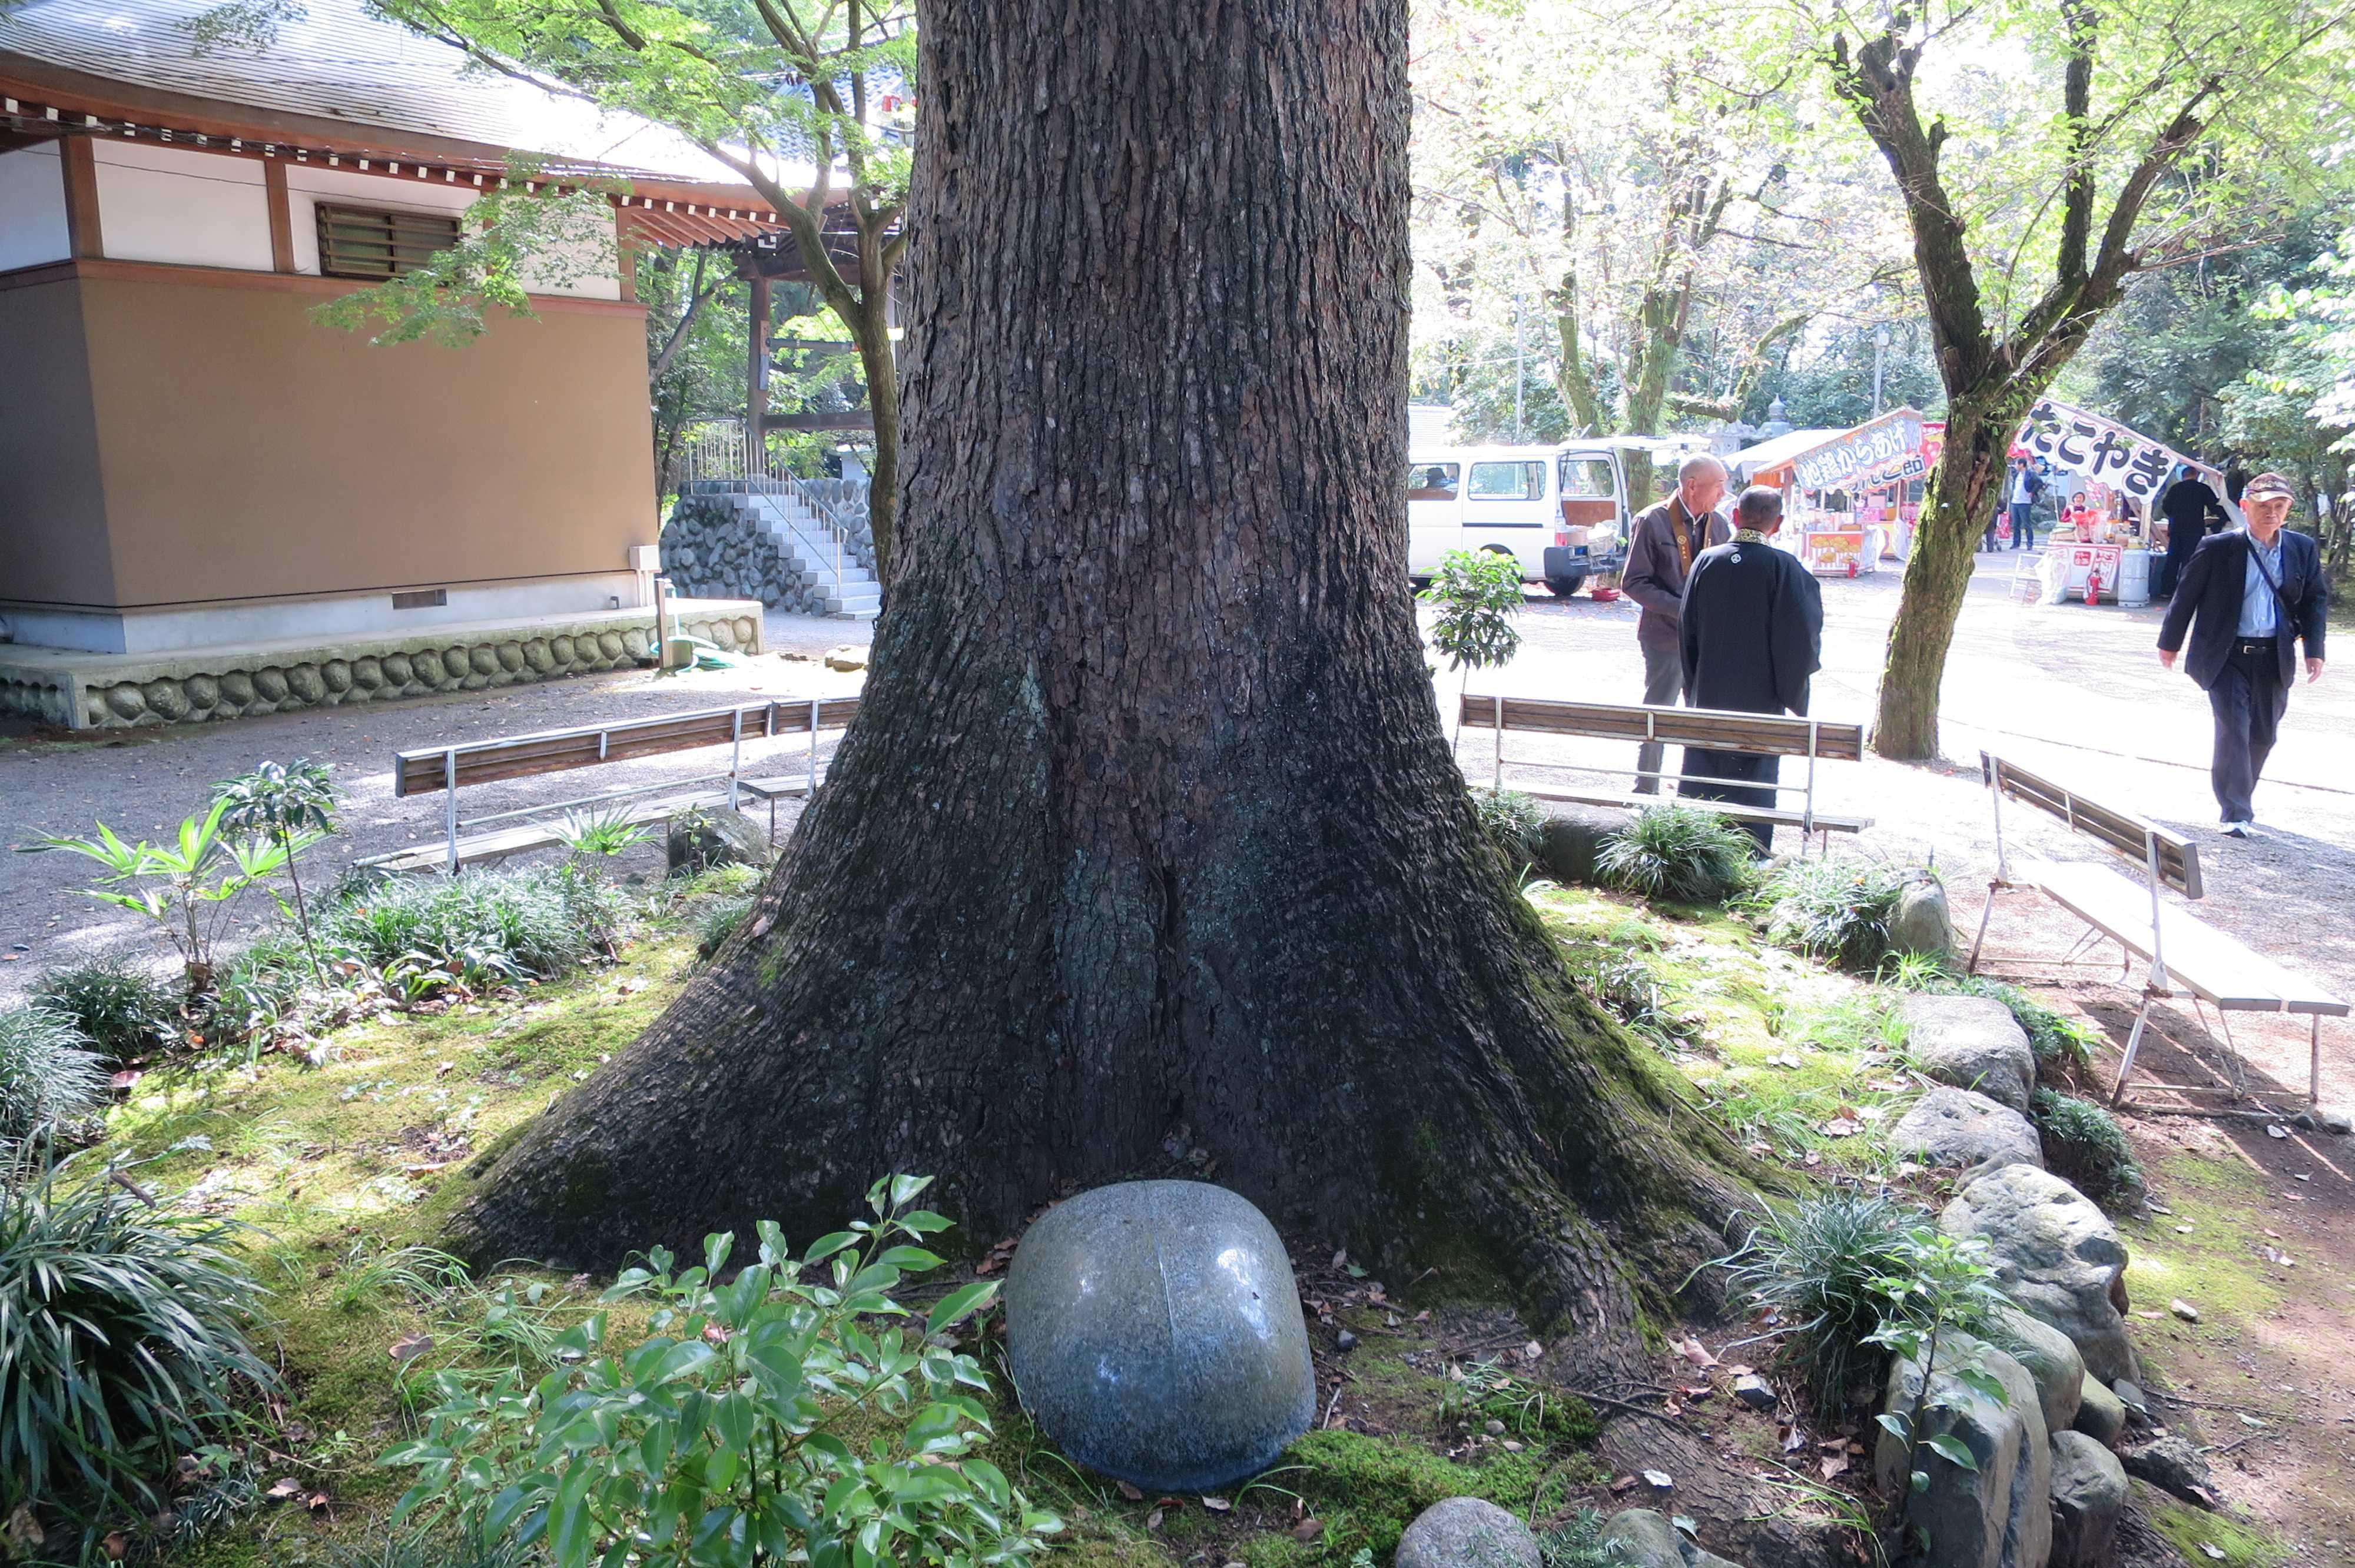 無量光寺 - 大樹の根元